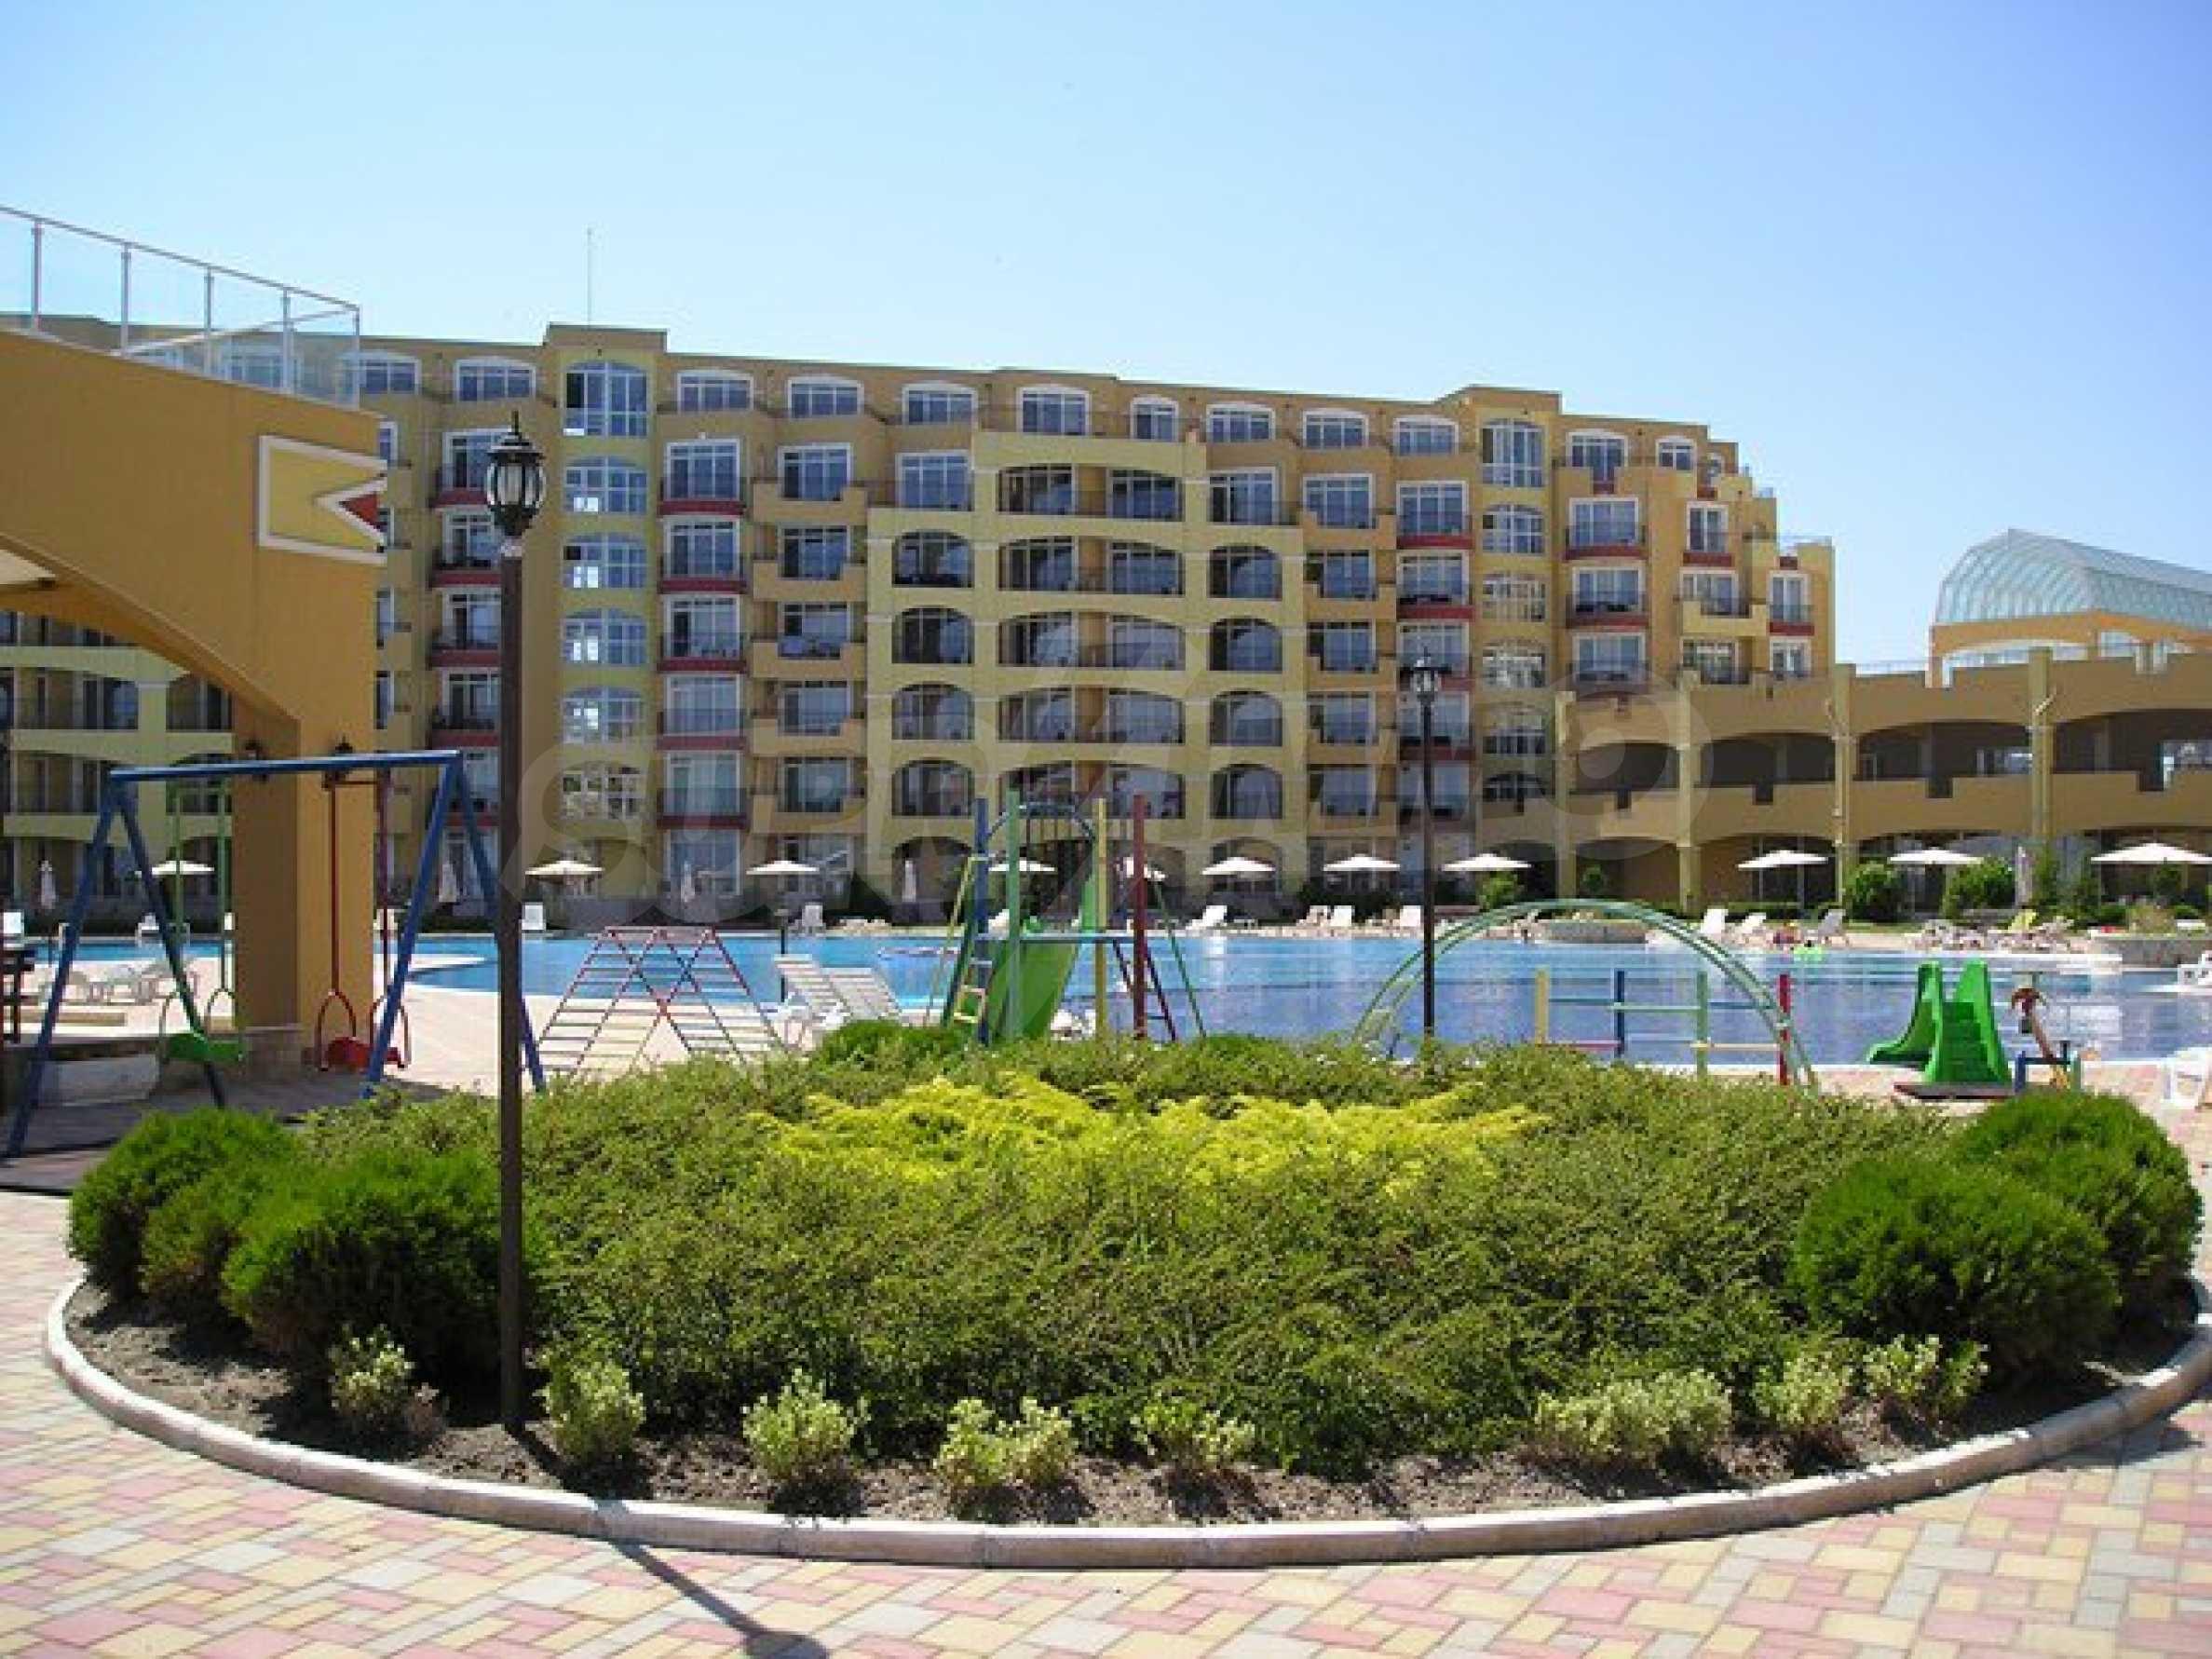 Studio zum Verkauf im Midia Grand Resort in Aheloy 14